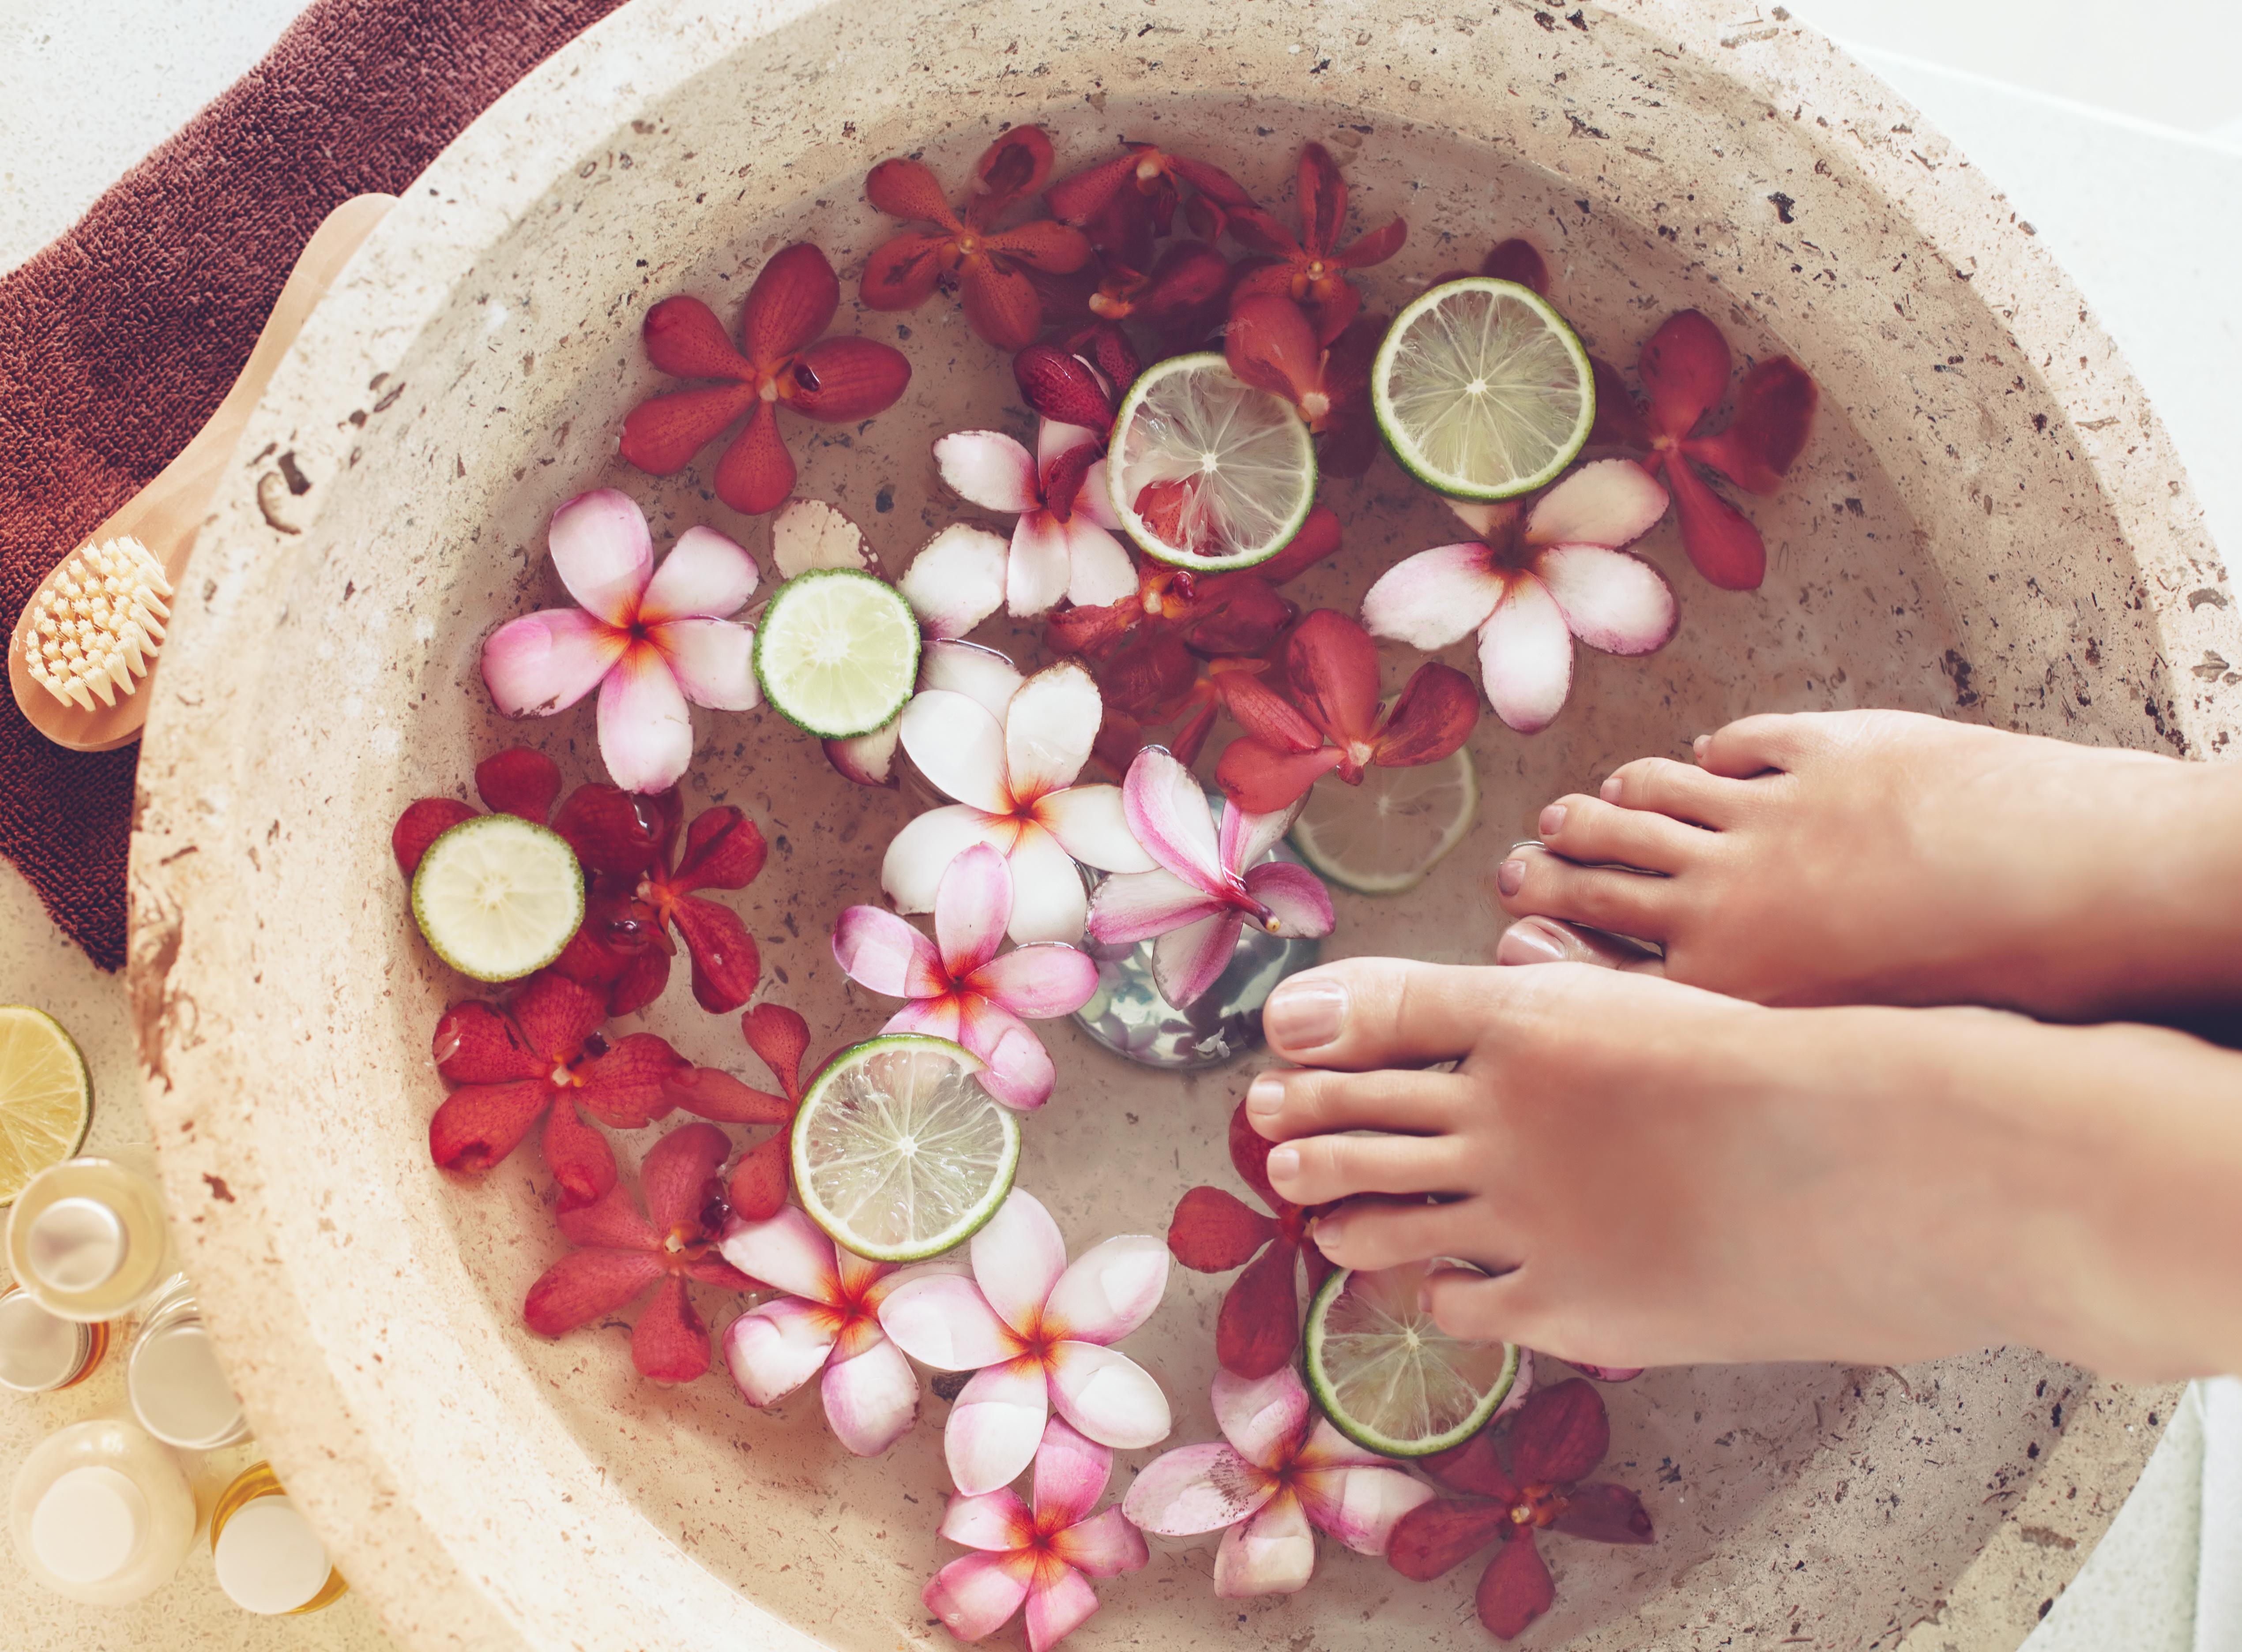 nuovi prodotti caldi Prezzo del 50% colori e suggestivi Come fare lo scrub, super alleato delle nostre gambe   Feel Your Look